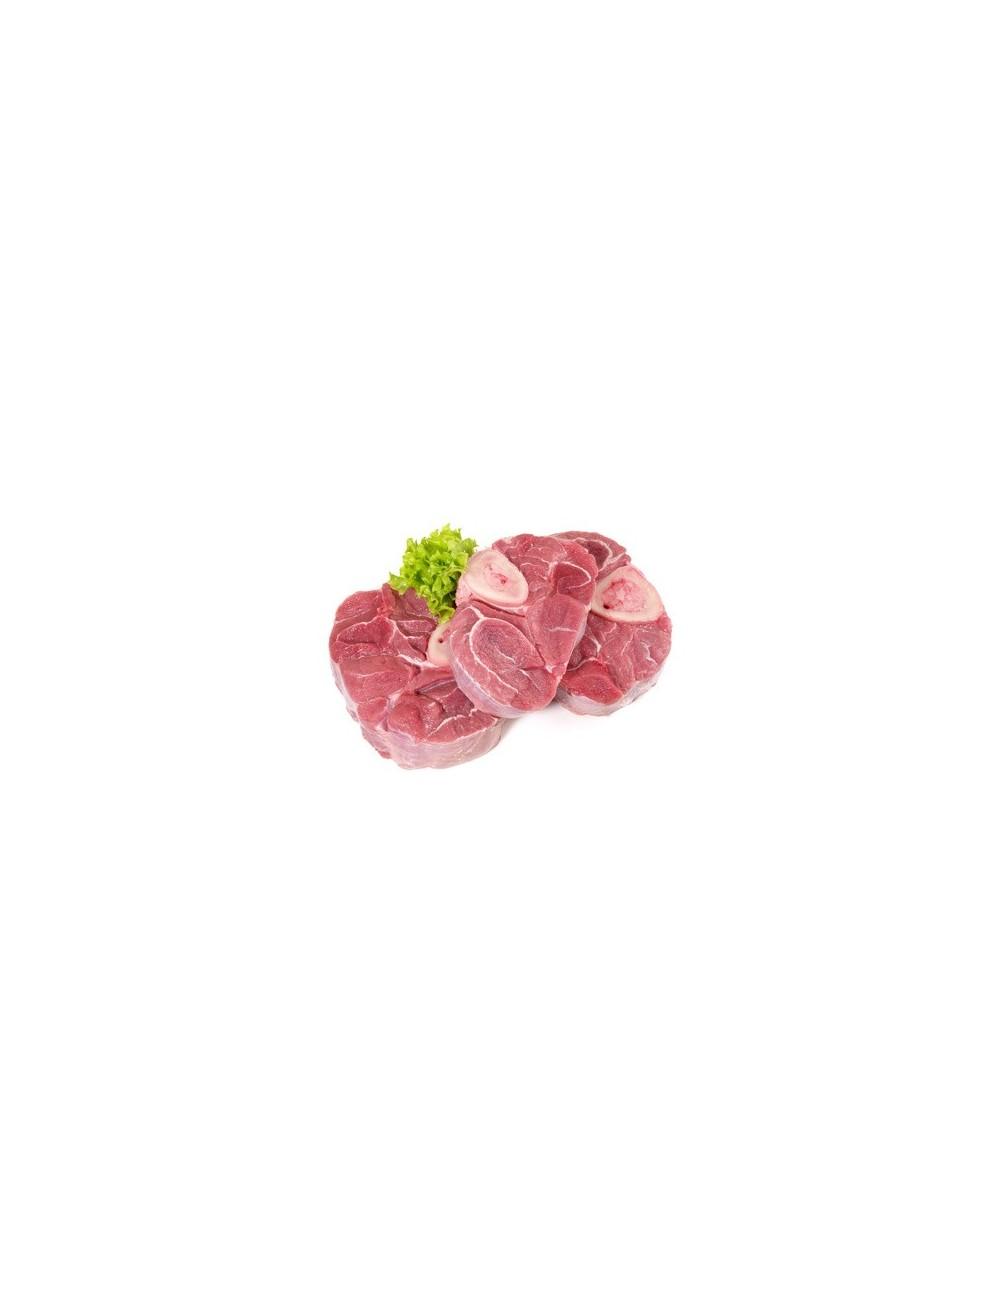 Caissette  Viande de Veau Bio Colis 5 kgs